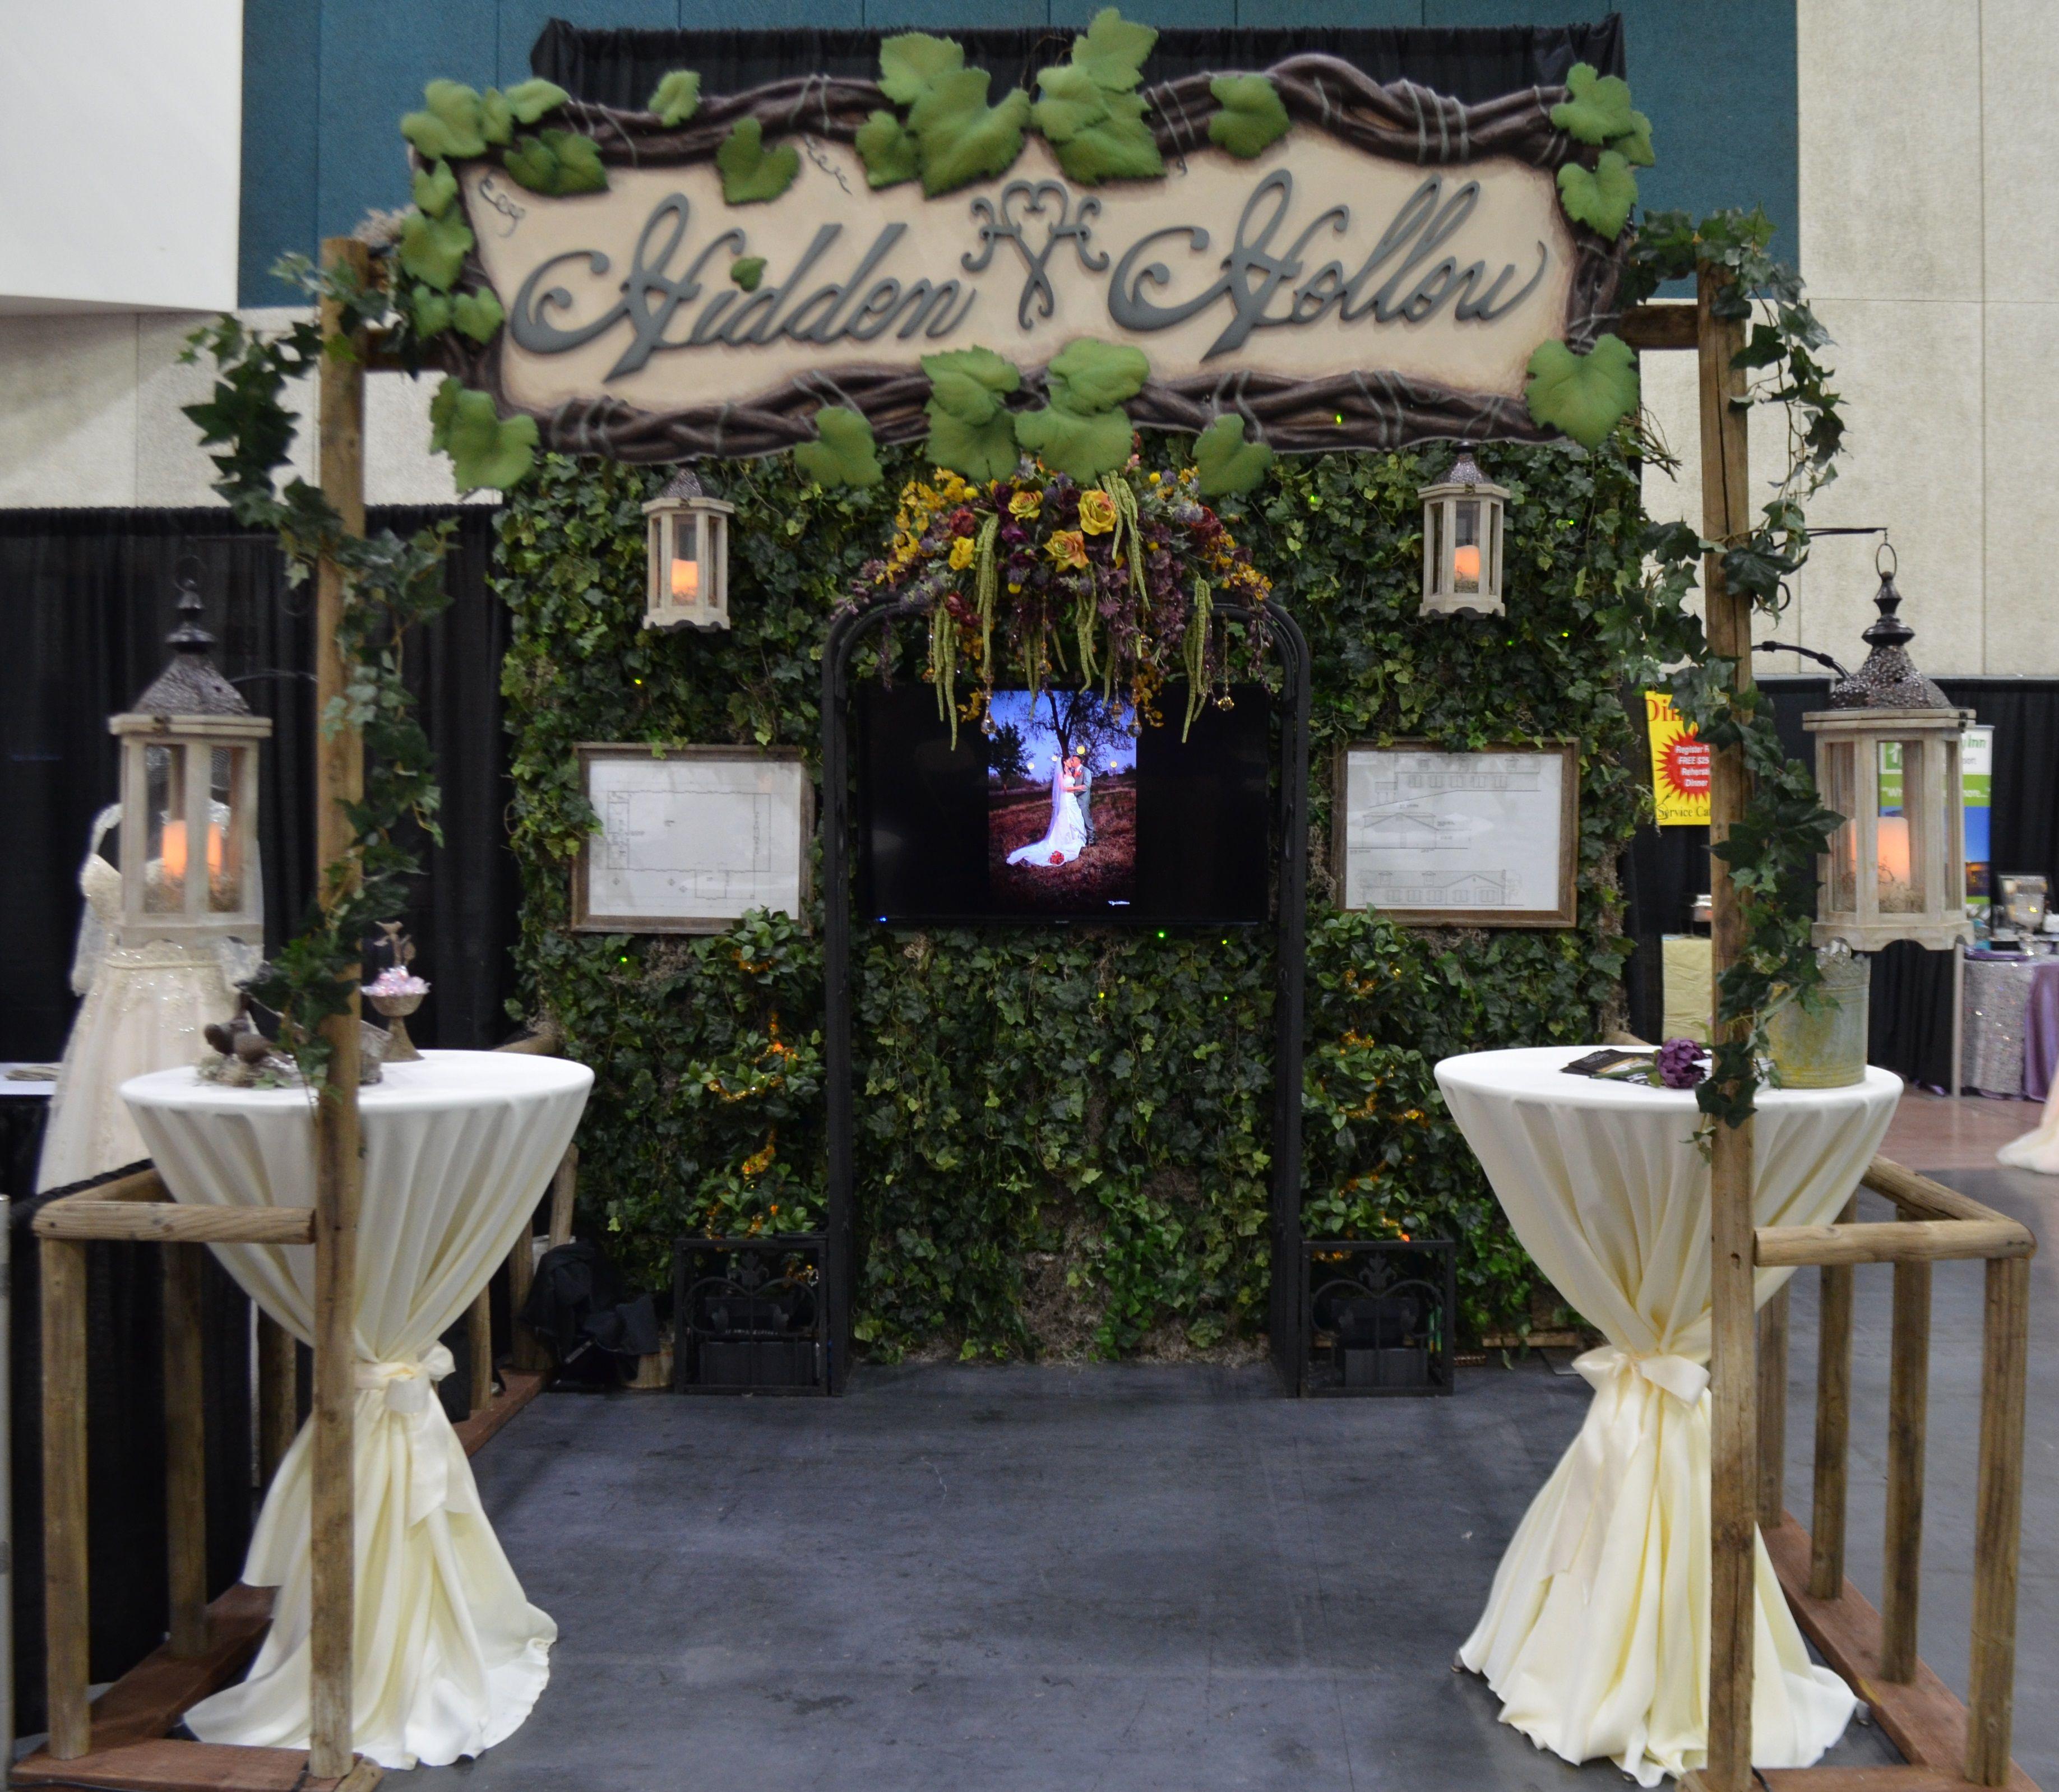 Hidden Hollow Bridal Show Booth Fresno